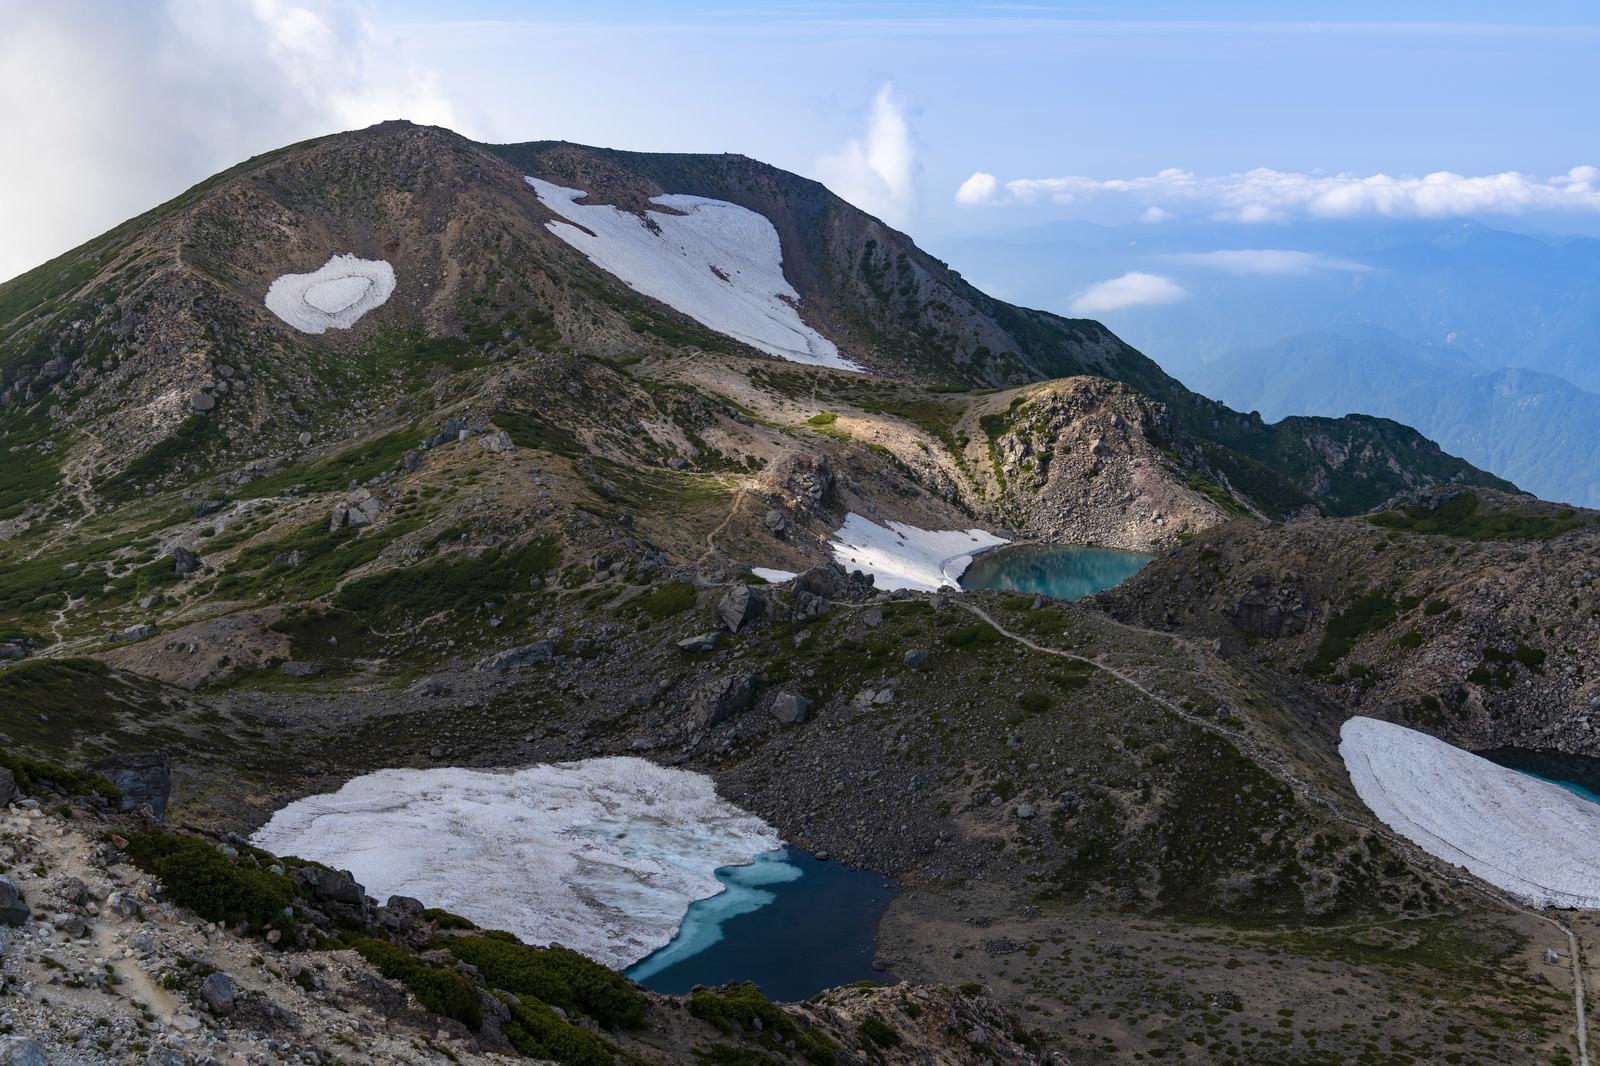 「御前峰からみる大汝峰方面(白山)」の写真